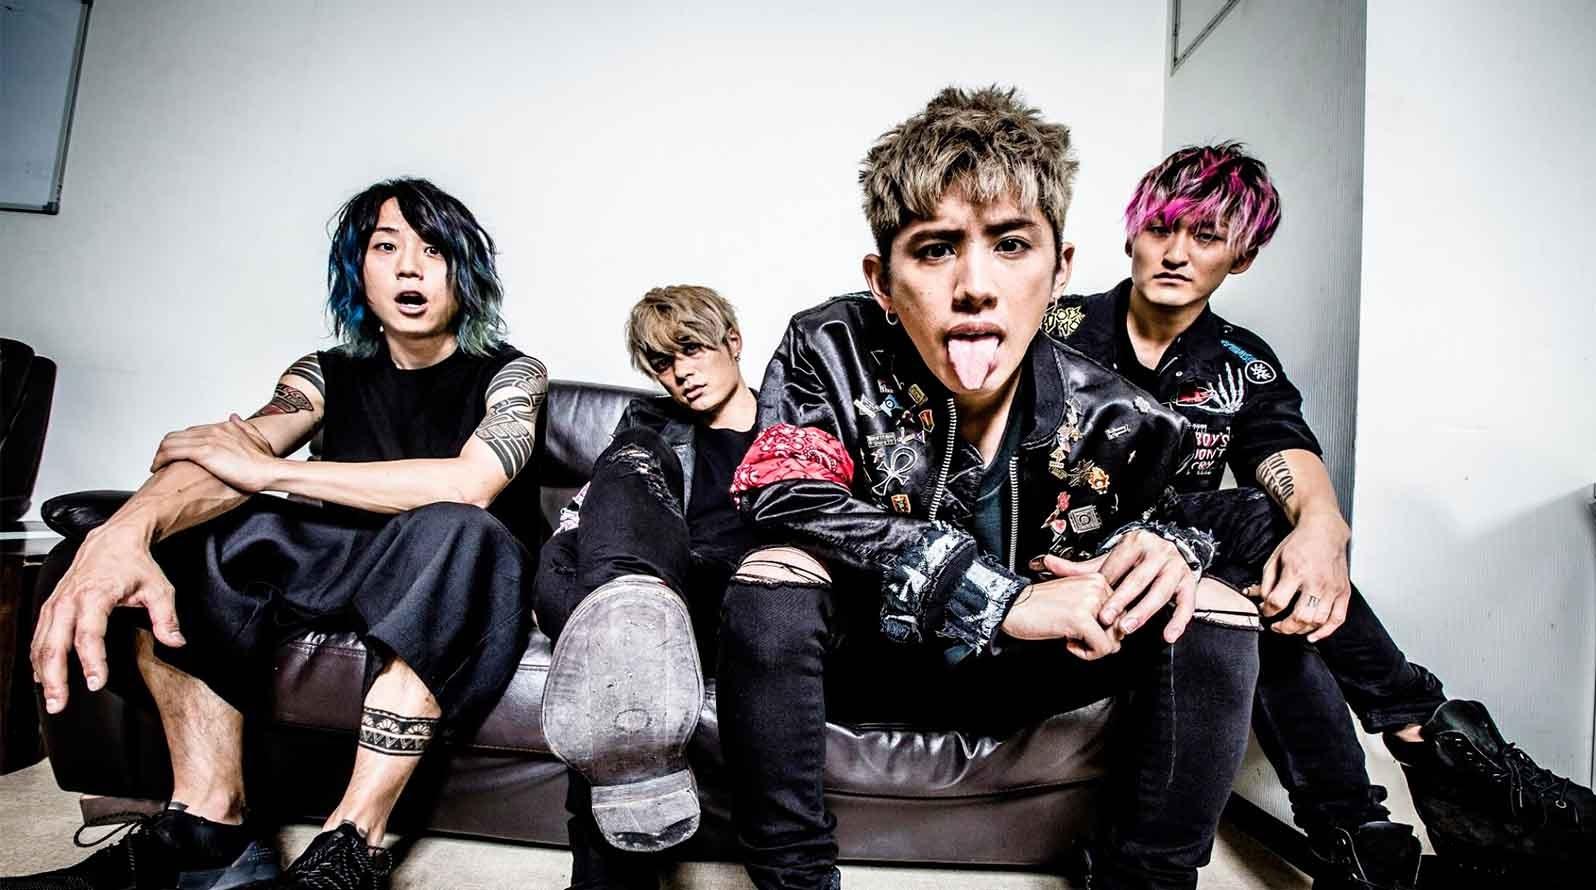 「日本搖滾天團」ONE OK ROCK全新英文大碟《壯志雄心AMBITIONS》最新主打〈我們就是我們We Are〉中文字幕MV上線